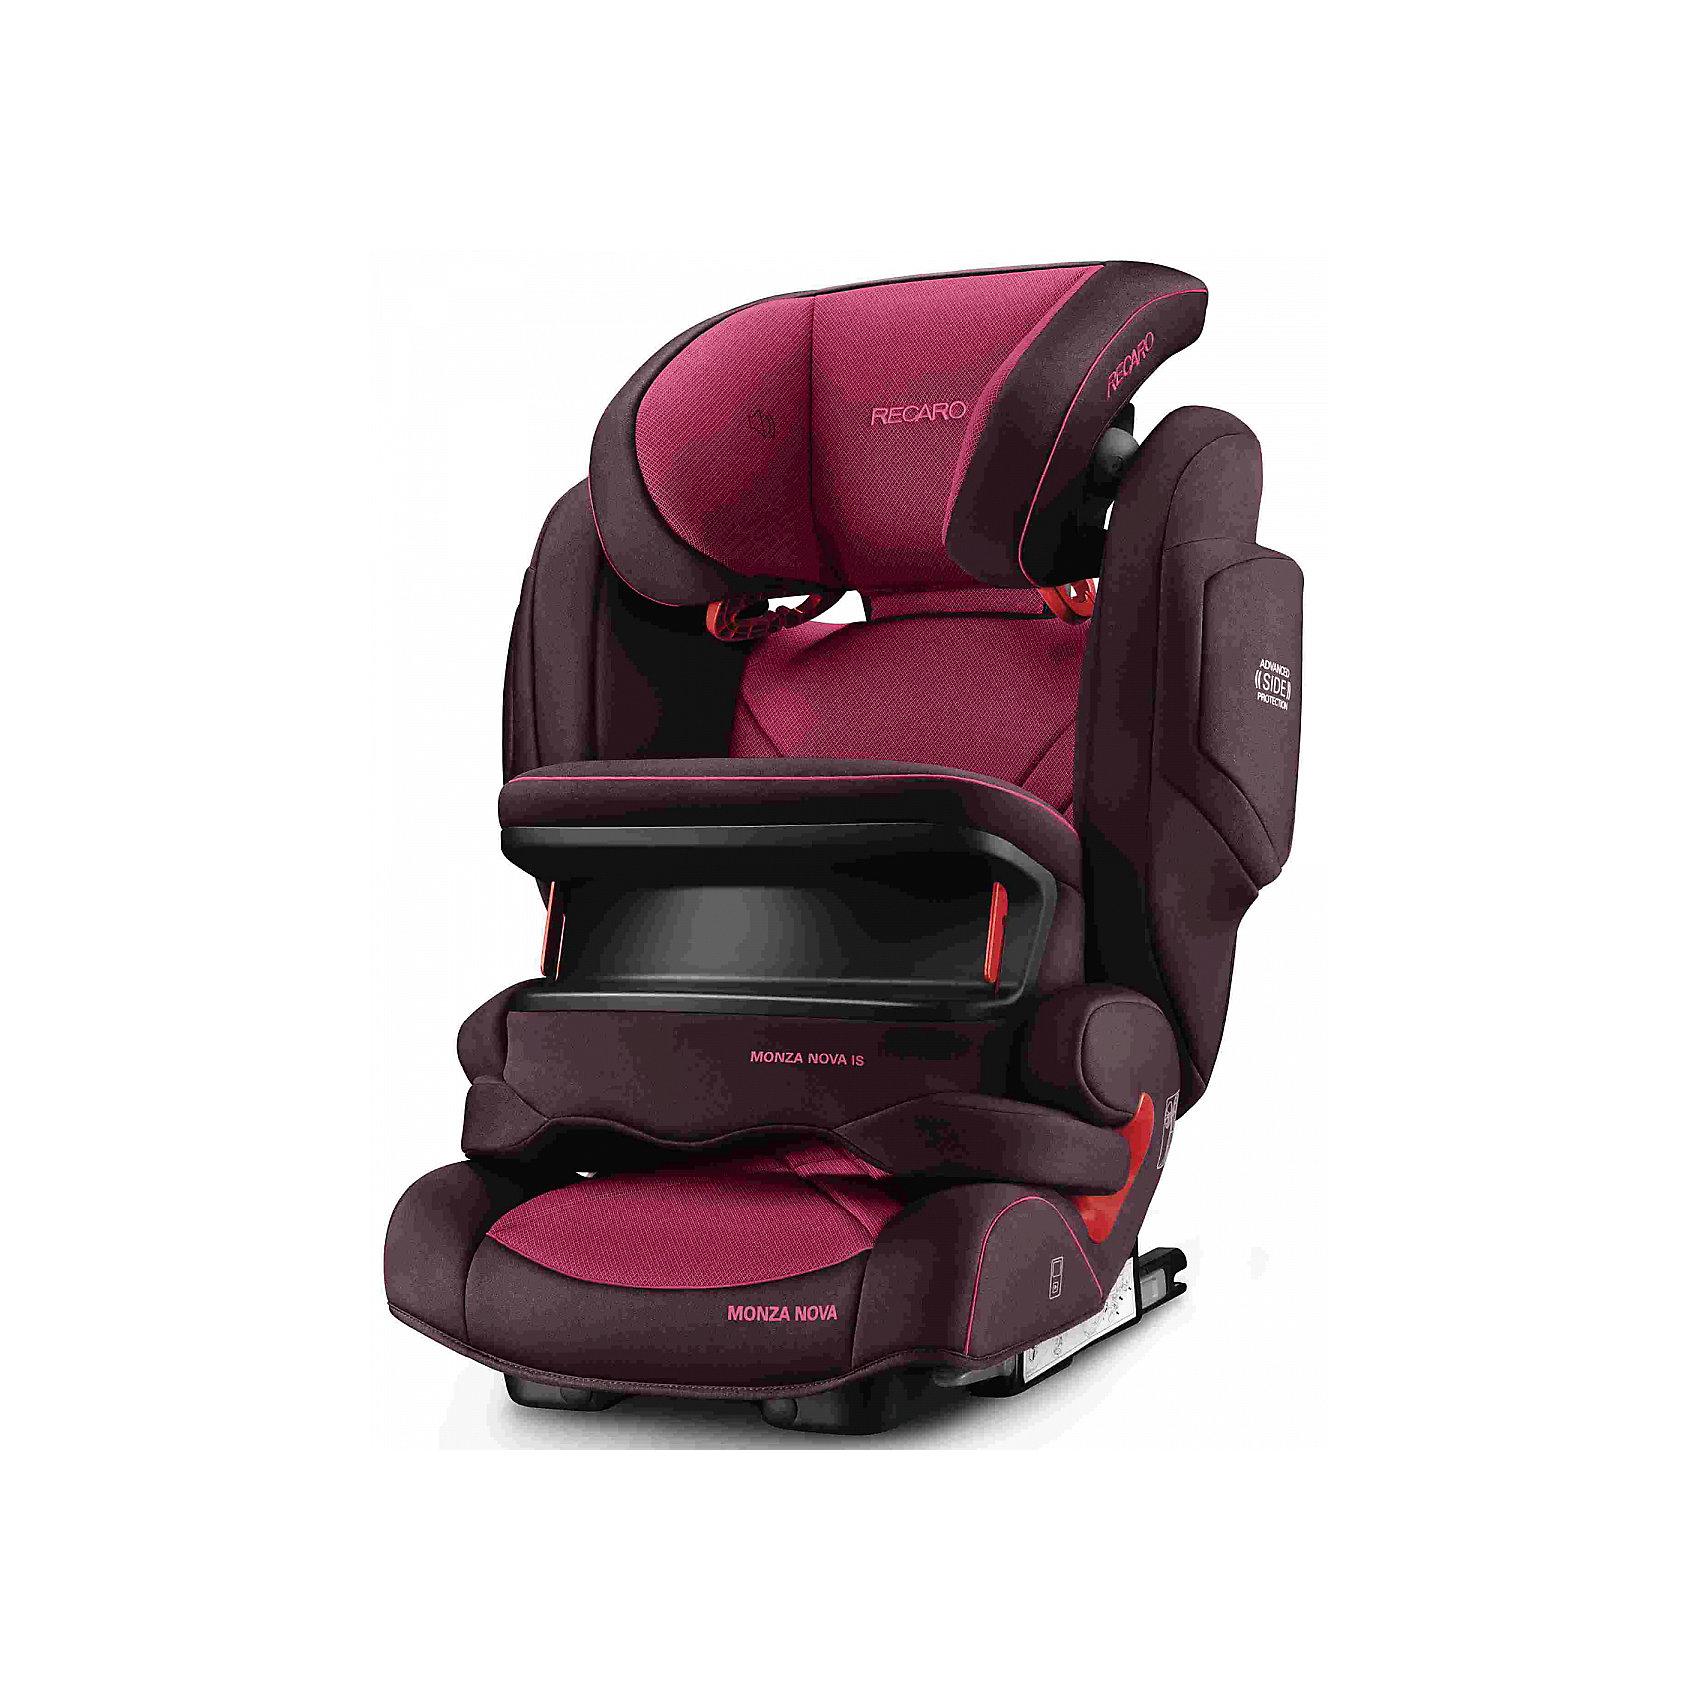 Автокресло Monza Nova IS Seatfix 9-36 кг., Recaro,  Power BerryХарактеристики:<br><br>• группа: 1/2/3;<br>• вес ребенка: 9-36 кг;<br>• возраст ребенка: от 9 месяцев до 12 лет;<br>• способ крепления: IsoFix или штатными ремнями безопасности автомобиля;<br>• способ установки: лицом по ходу движения автомобиля;<br>• регулируется высота подголовника: 11 положений;<br>• имеется ростомер;<br>• регулируется глубина подголовника;<br>• перед ребенком находится специальный жесткий столик, который обеспечивает максимальную защиту ребенка от ударов при столкновении и резком торможении;<br>• угол наклона спинки подгоняется под угол сиденья автомобиля, слегка откидывается назад;<br>• имеются подлокотники, высота не меняется;<br>• сетчатый кармашек на боковой стороне автокресла;<br>• под сиденьем автокресла имеются пластиковые опорные элементы;<br>• в боковинках автокресла находятся встроенные динамики;<br>• усиленная боковая защита, 12 см;<br>• материал: пластик, полиэстер;<br>• размеры автокресла: 48х55х74 см;<br>• вес: 8 кг.<br><br>Автокресло Monza Nova IS Seatfix будет сопровождать вас и вашего кроху вплоть до достижения ребенком возраста 12 лет. Автокресло укомплектовано дополнительными аксессуарами для наибольшей безопасности ребенка на каждом этапе его взросления. Когда вес малыша находится в пределах 9-18 кг, эргономичный защитный столик вместе с 3-х точечным ремнем безопасности автомобиля обеспечивают максимальную безопасность. Автокресло обязательно используется со столиком, пока кроха не достигнет определенного роста и веса (95 см/18 кг).<br><br>Автокресло устанавливается на заднем сидении автомобиля с помощью системы Изофикс. Выдвижные крепления кресла совмещаются с системой Изофикс в автомобиле.<br>Обивка автокресла выполнена из дышащего материала, который не впитывает посторонние запахи. Автокресло оснащено вентиляционными отверстиями для циркуляции воздуха и регуляции теплообмена. Чехлы автокресла съемные, допускается стирка при температуре 30 градусов.<br><br>Компл